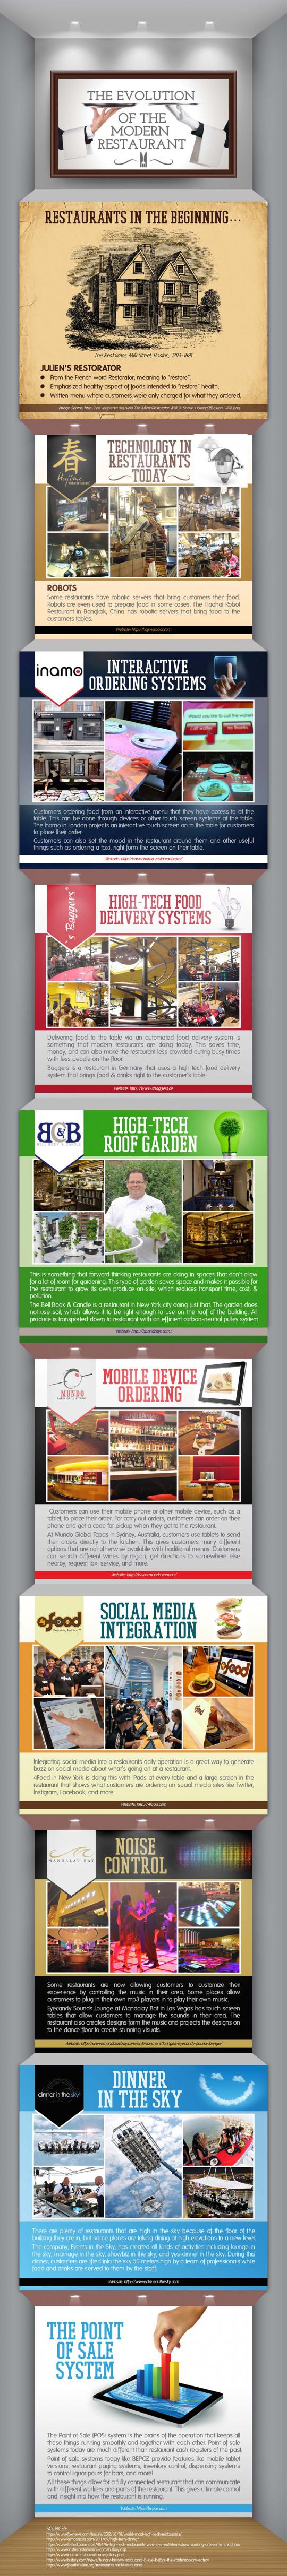 The Evolution of the Modern Restaurant